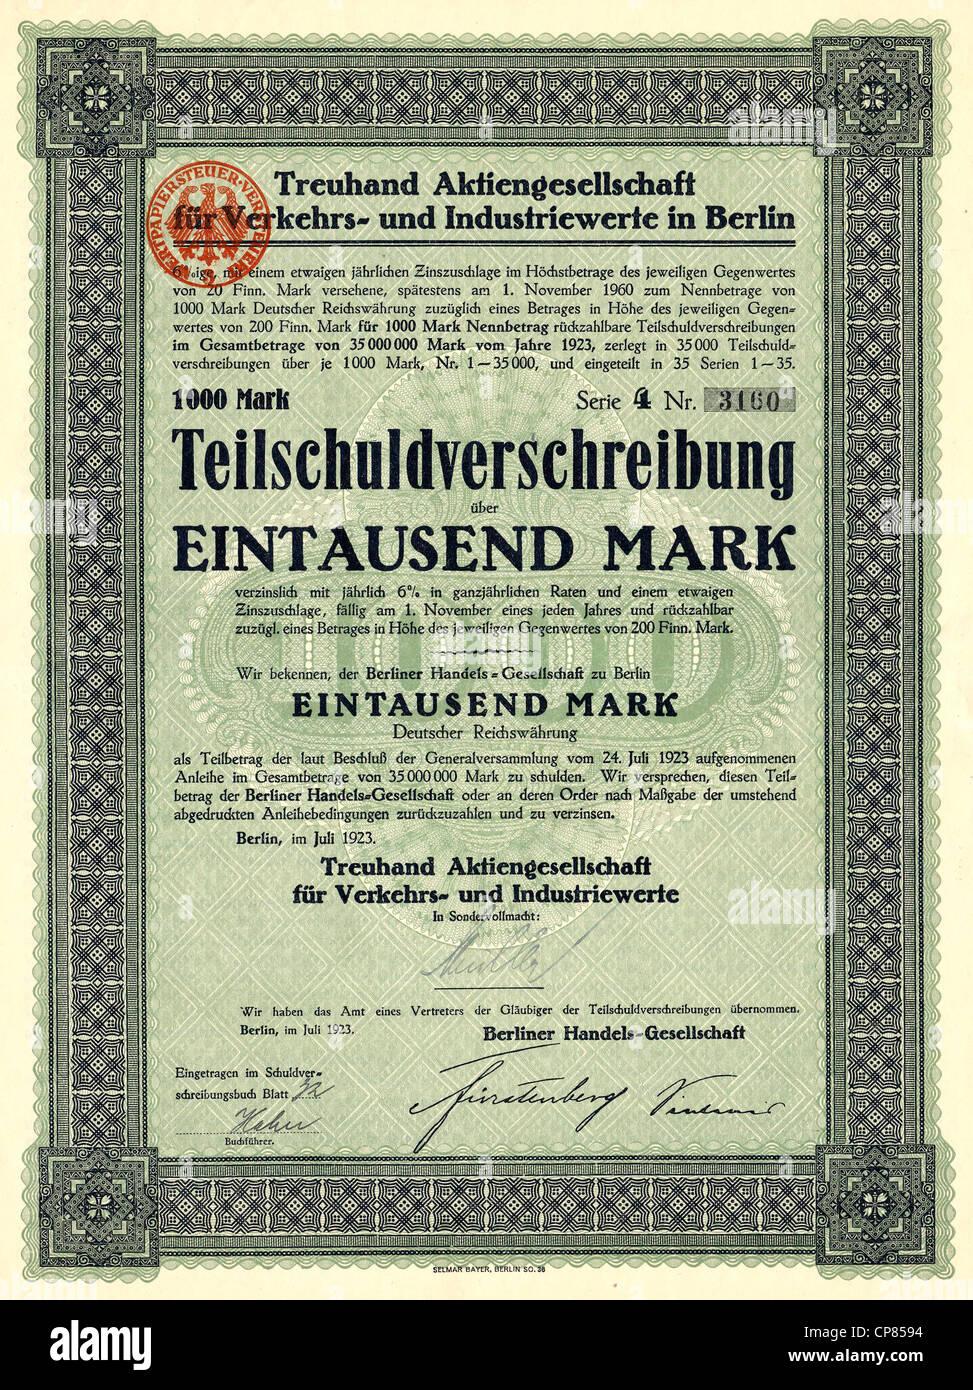 Historical share certificate, Historische Aktie, Treuhand Aktiengesellschaft für Verkehrs- und Industriewerte - Stock Image